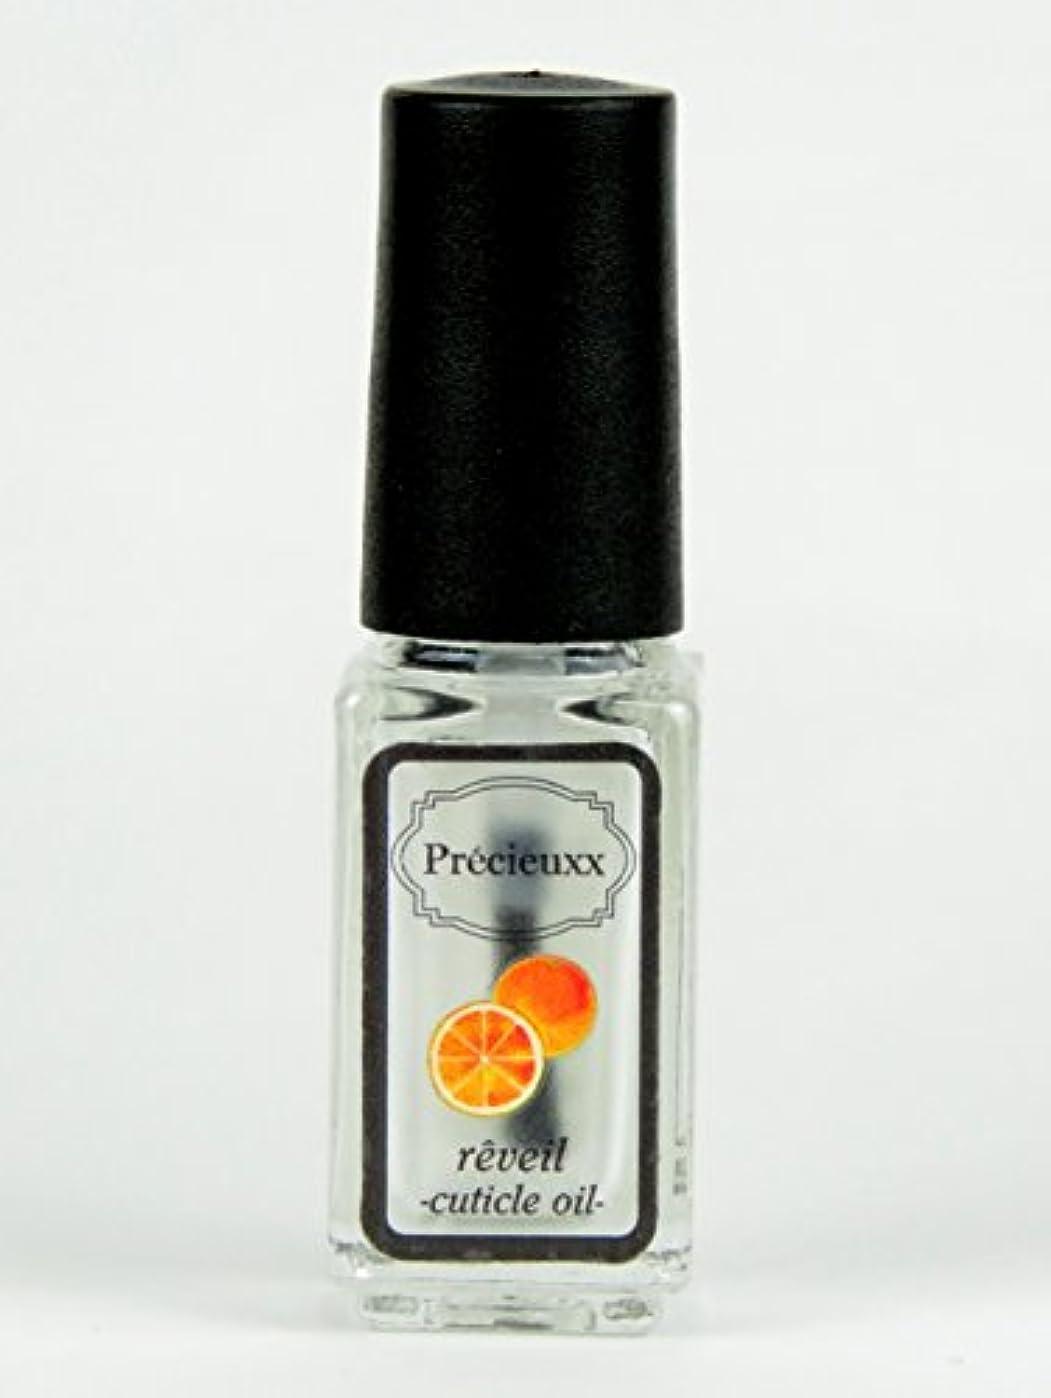 隔離伝記パン屋オーガニック ネイルオイル Precieuxx(プレシュー) ネイルアンドキューティクルボタニカルオイル 5ml オレンジ